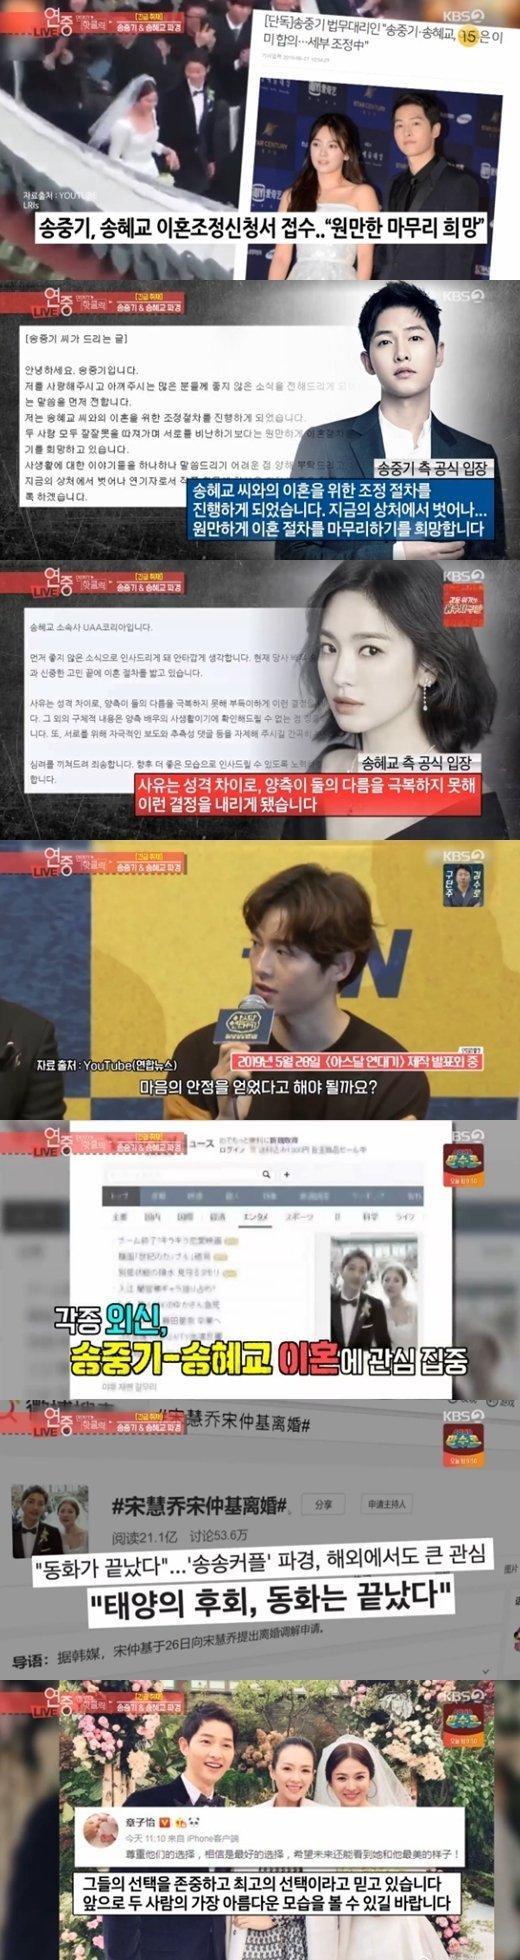 Song Joong Ki nộp đơn ly hôn không thảo luận trước với Song Hye Kyo, sẽ tiết lộ sự thật nếu cô ấy nói dối ảnh 4